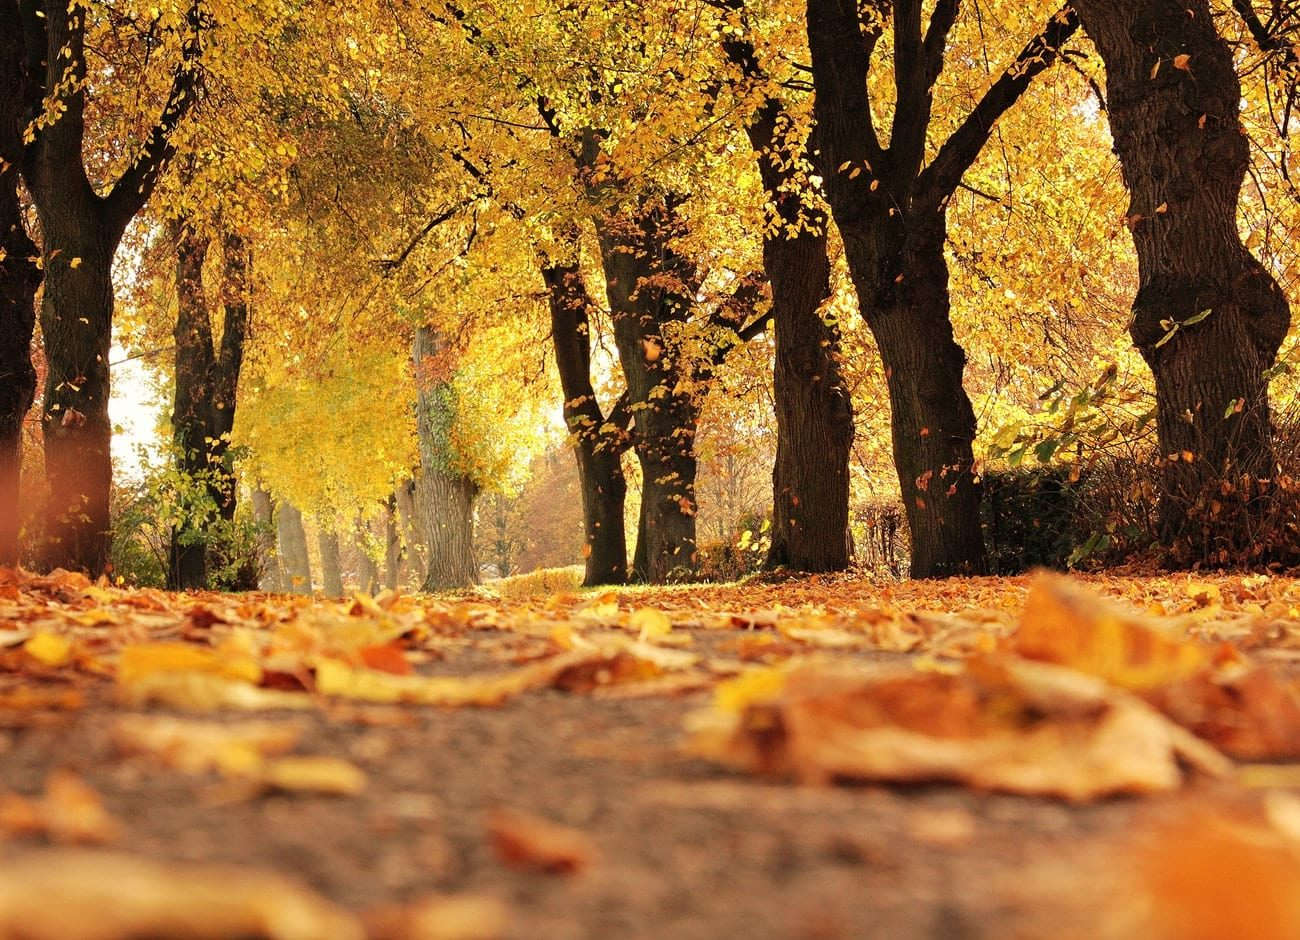 Fall in Michigan